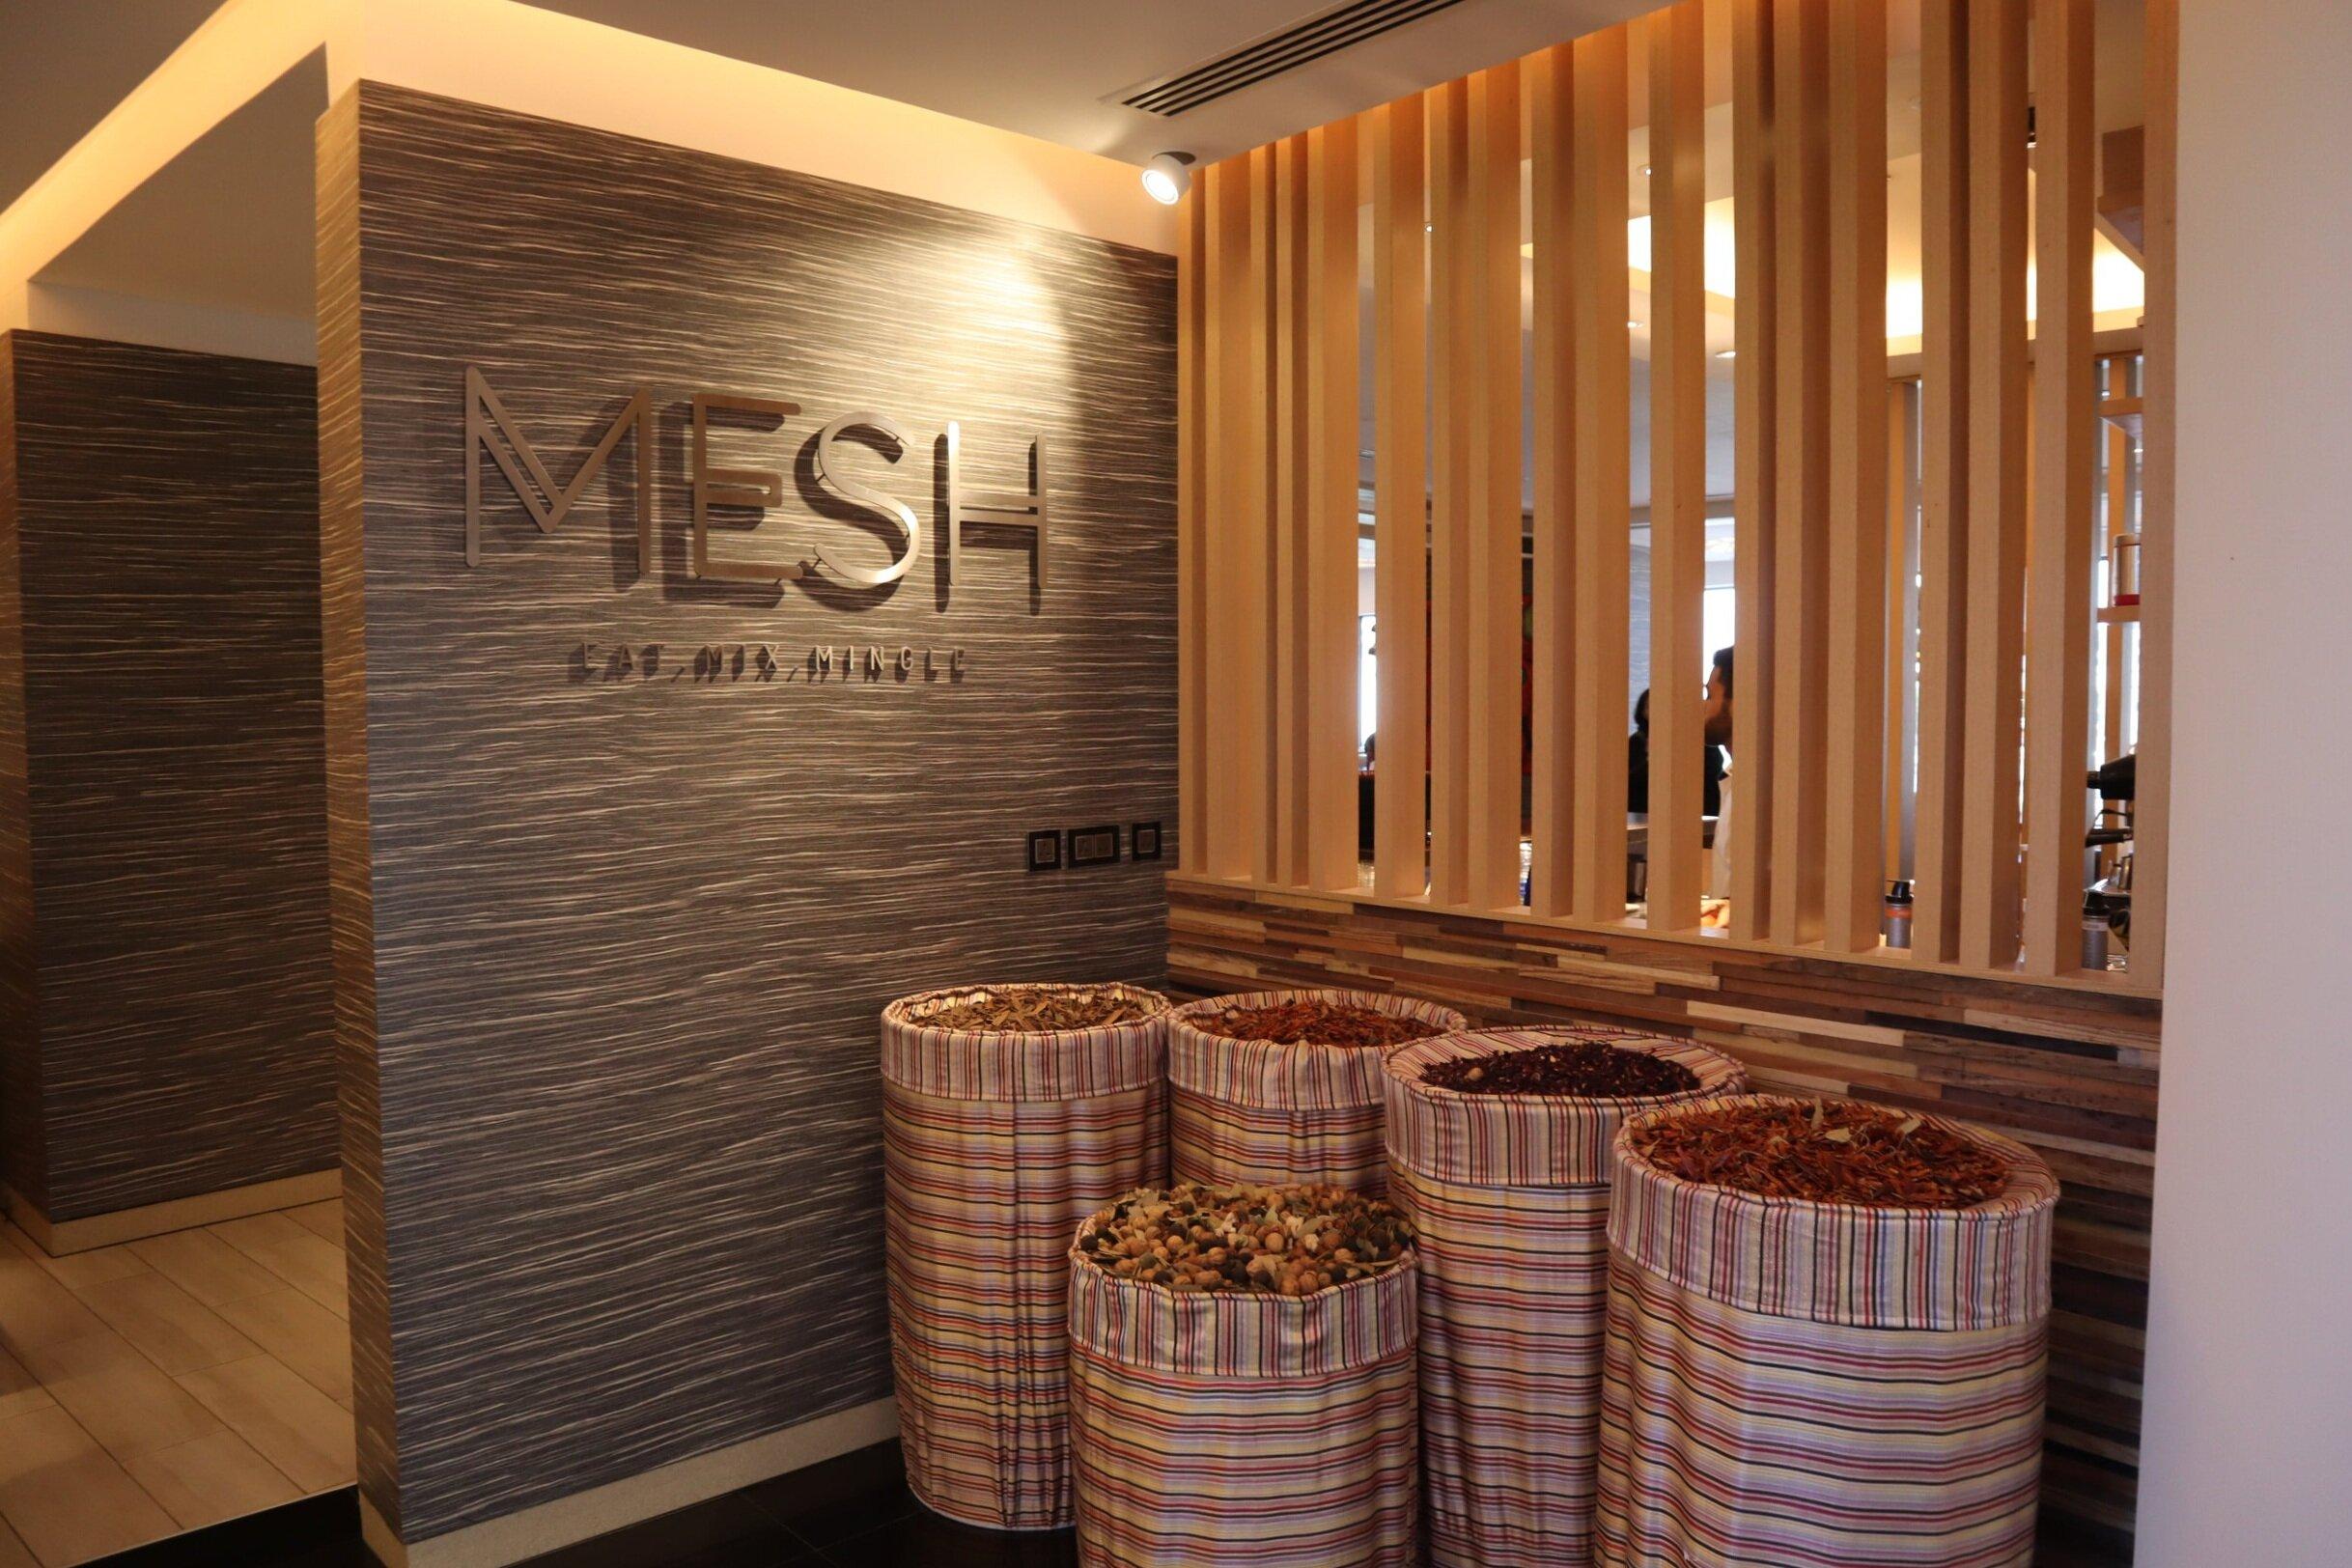 W Amman – Mesh restaurant